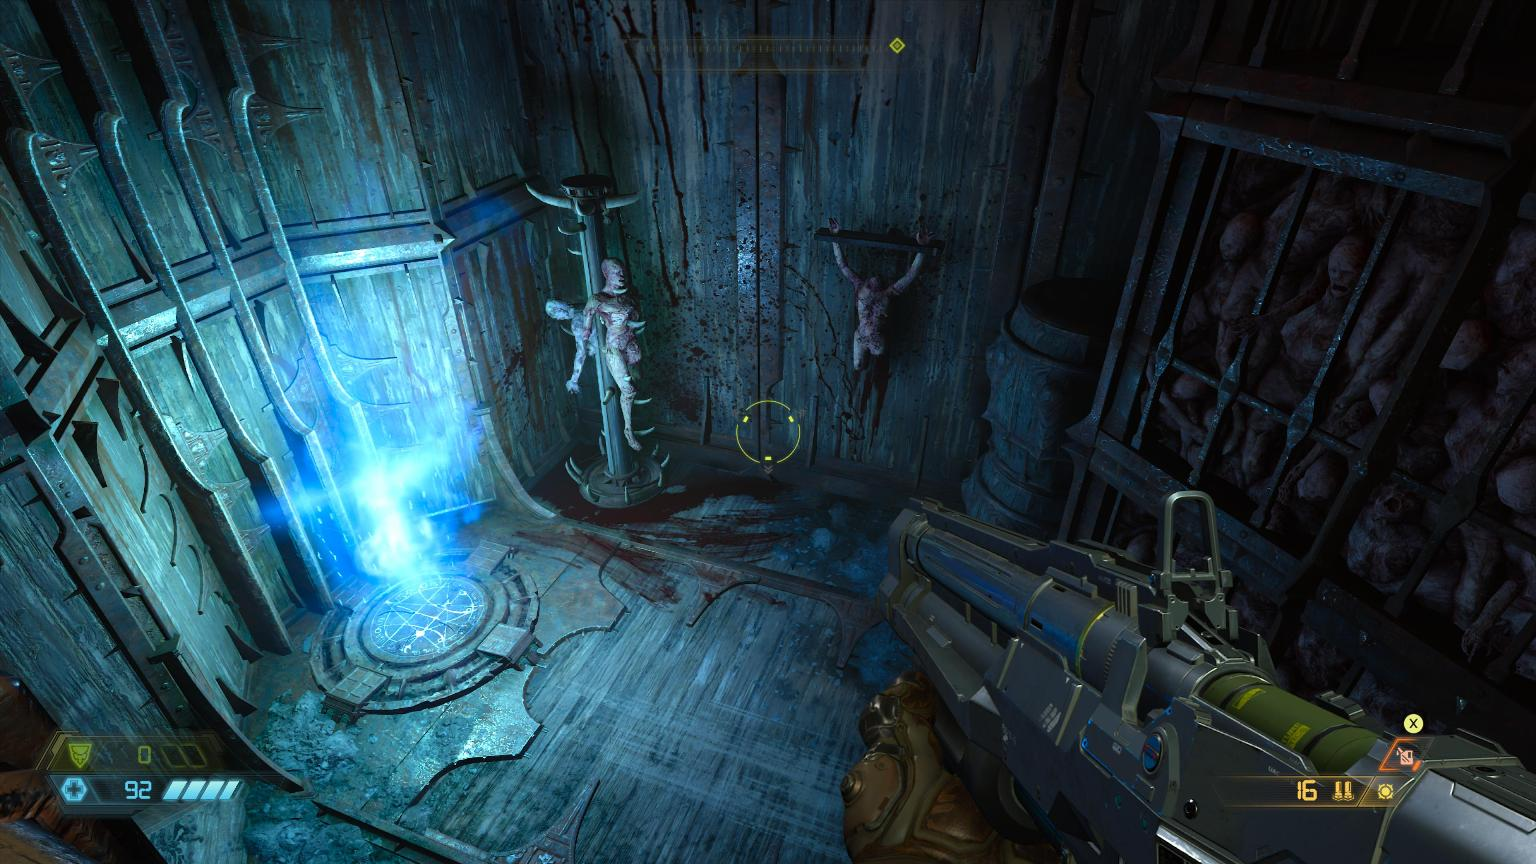 Recenzja Doom Eternal 4K HDR